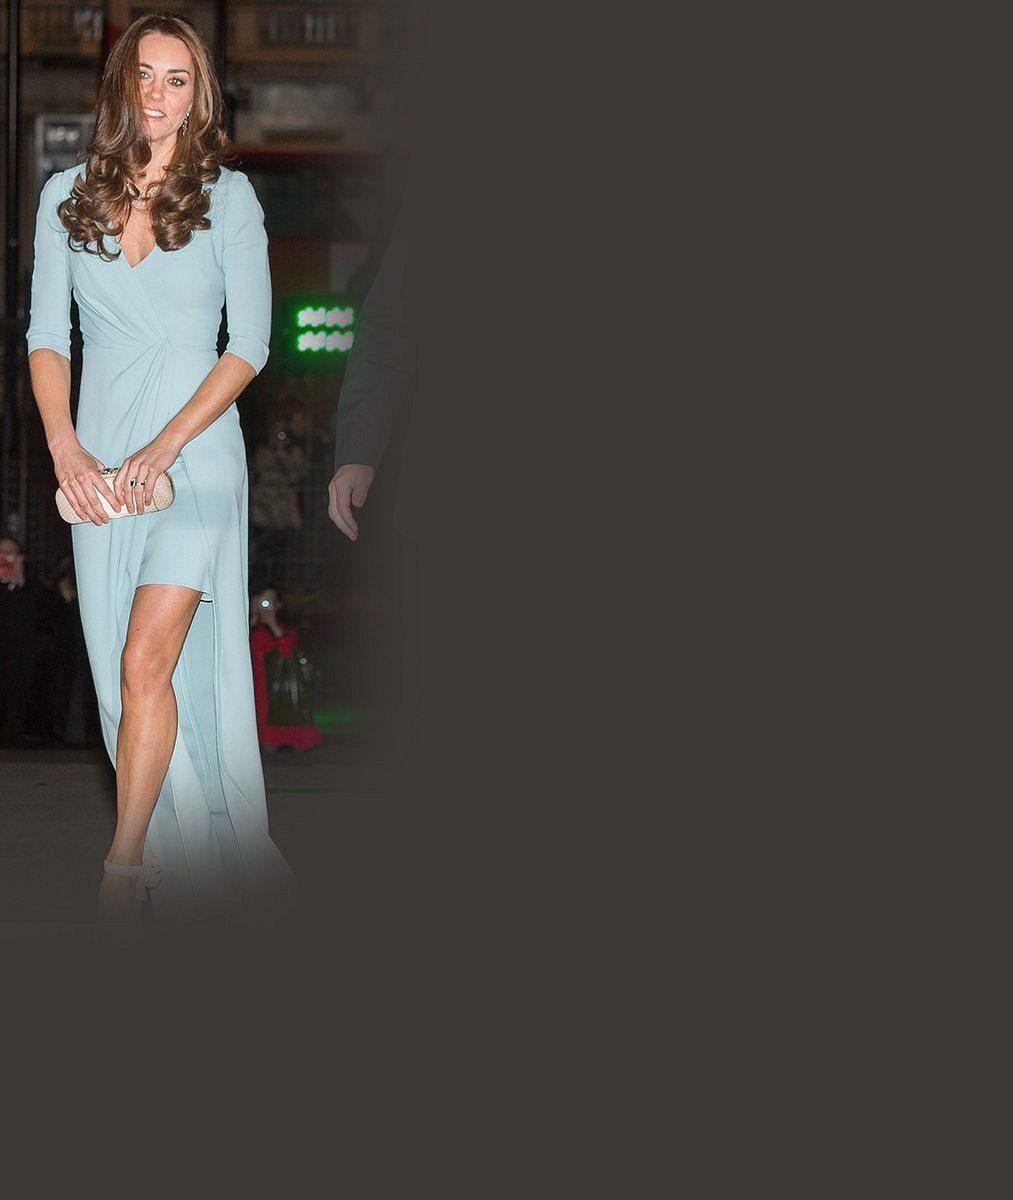 Těhotenství vévodkyni Kate sluší: V nádherných šatech konečně ukázala bříško, kde roste další královský potomek